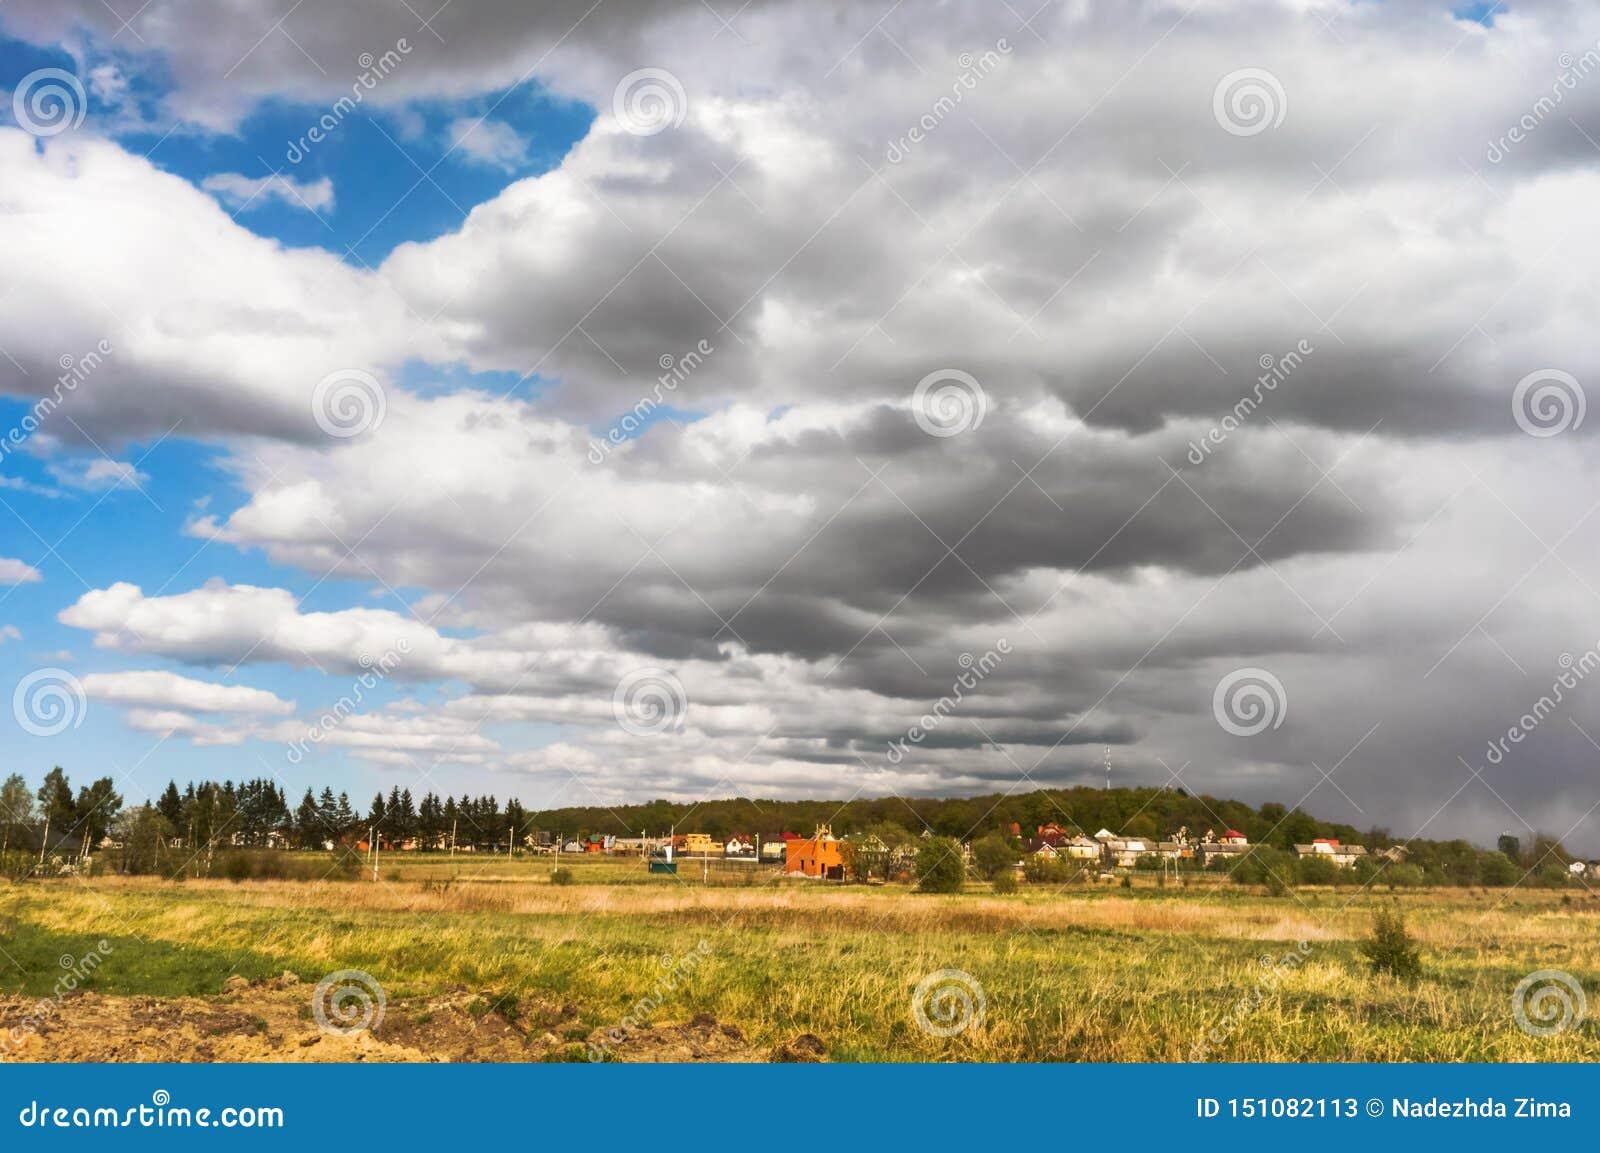 As nuvens fecham o sol, nuvens de tempestade sobre a vila